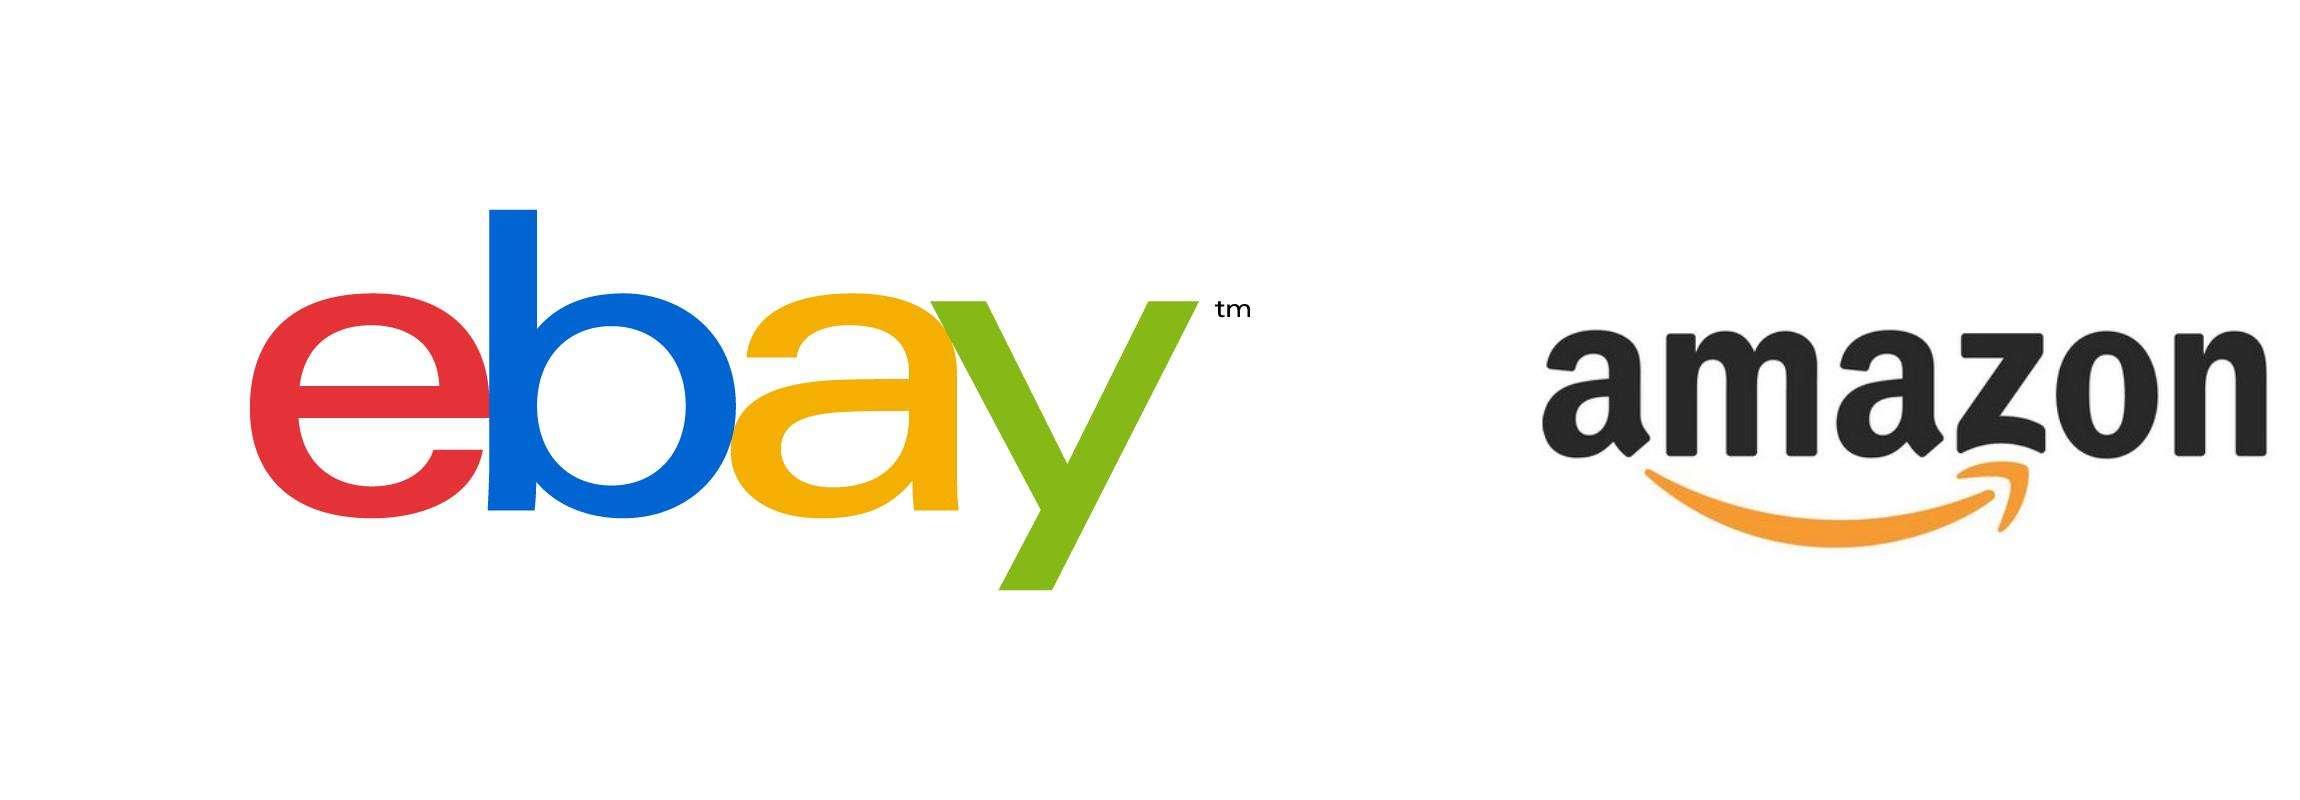 Ebay Ebay Ebay Ebay Ebay Sex 58